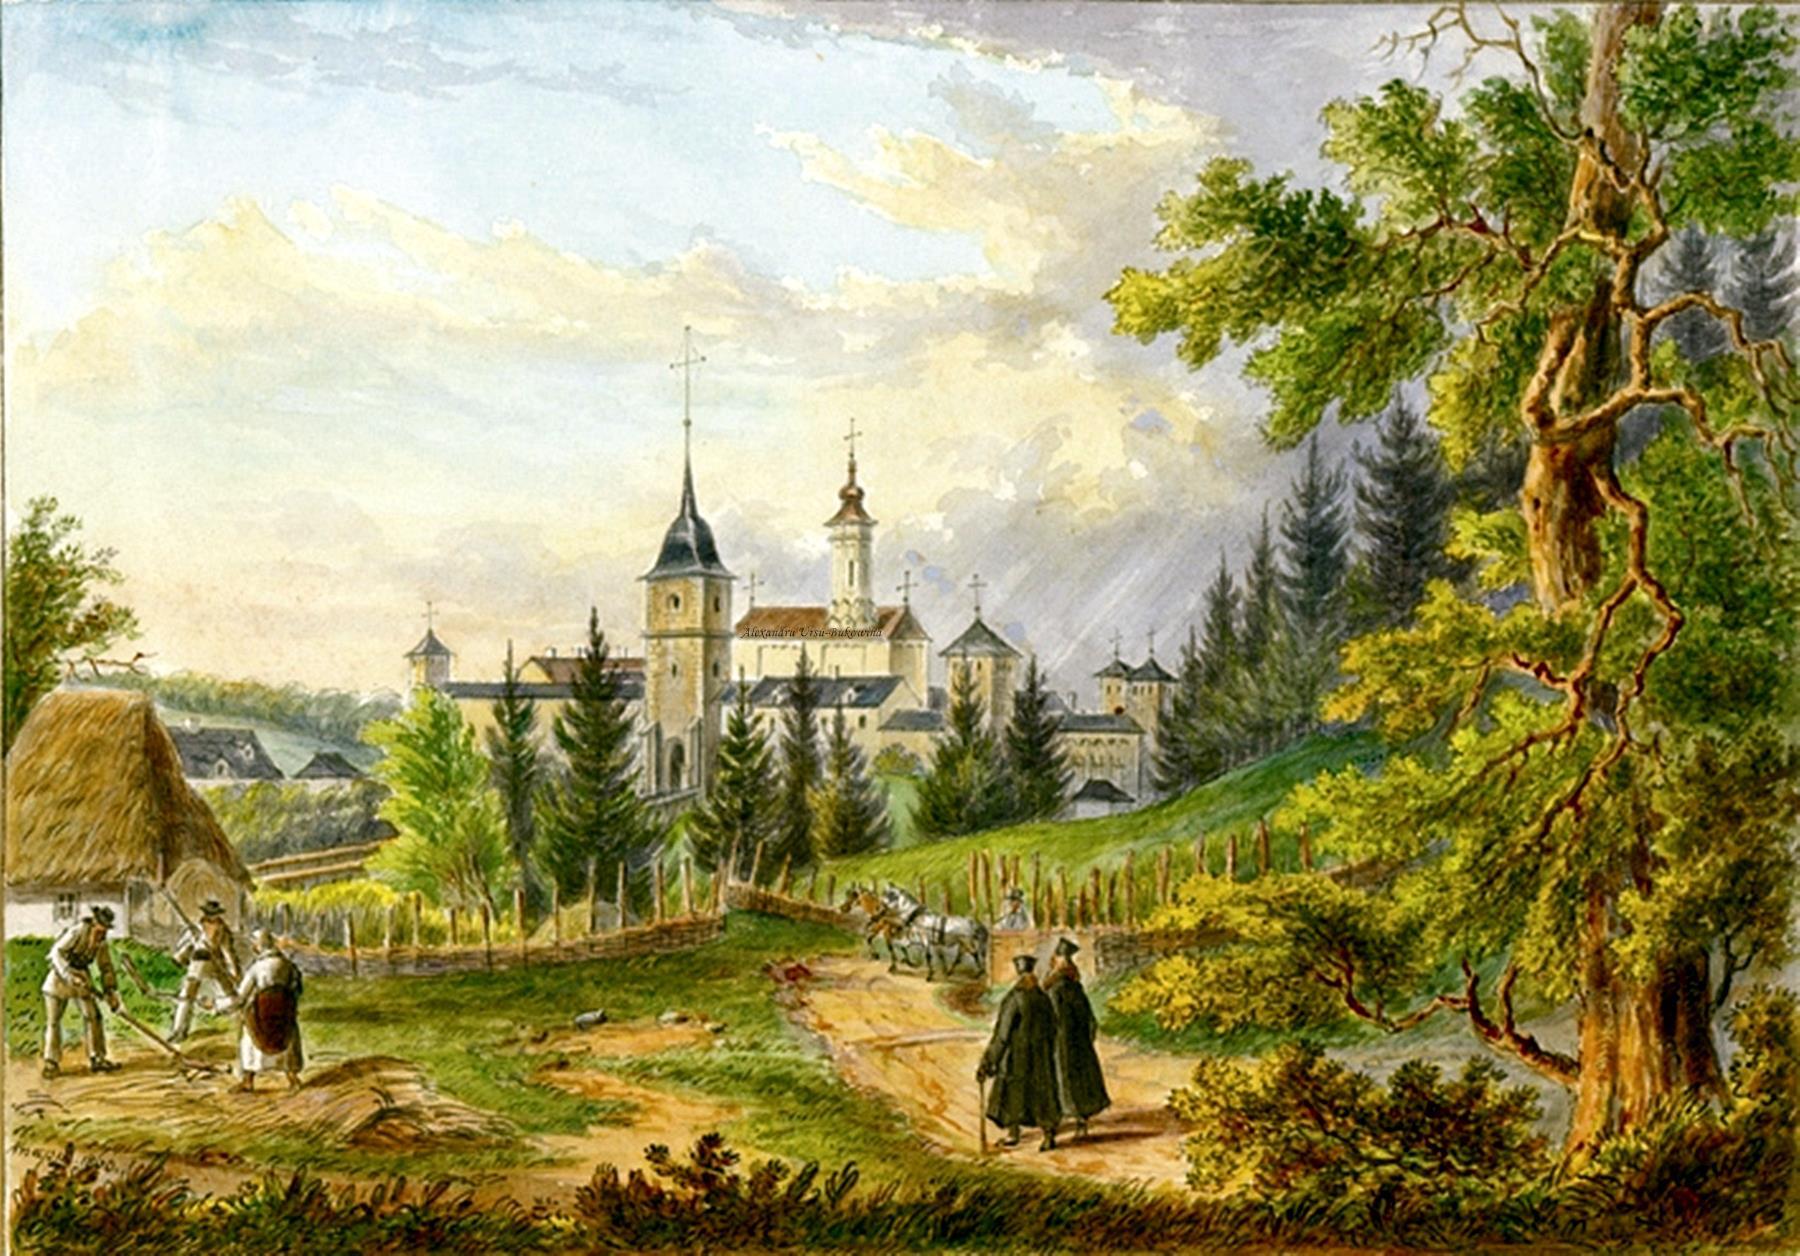 Oameni si locuri din Bucovina.Griech. nicht. unir. Kloster Dragomirna.Franz Xavier Knapp(1809-1883